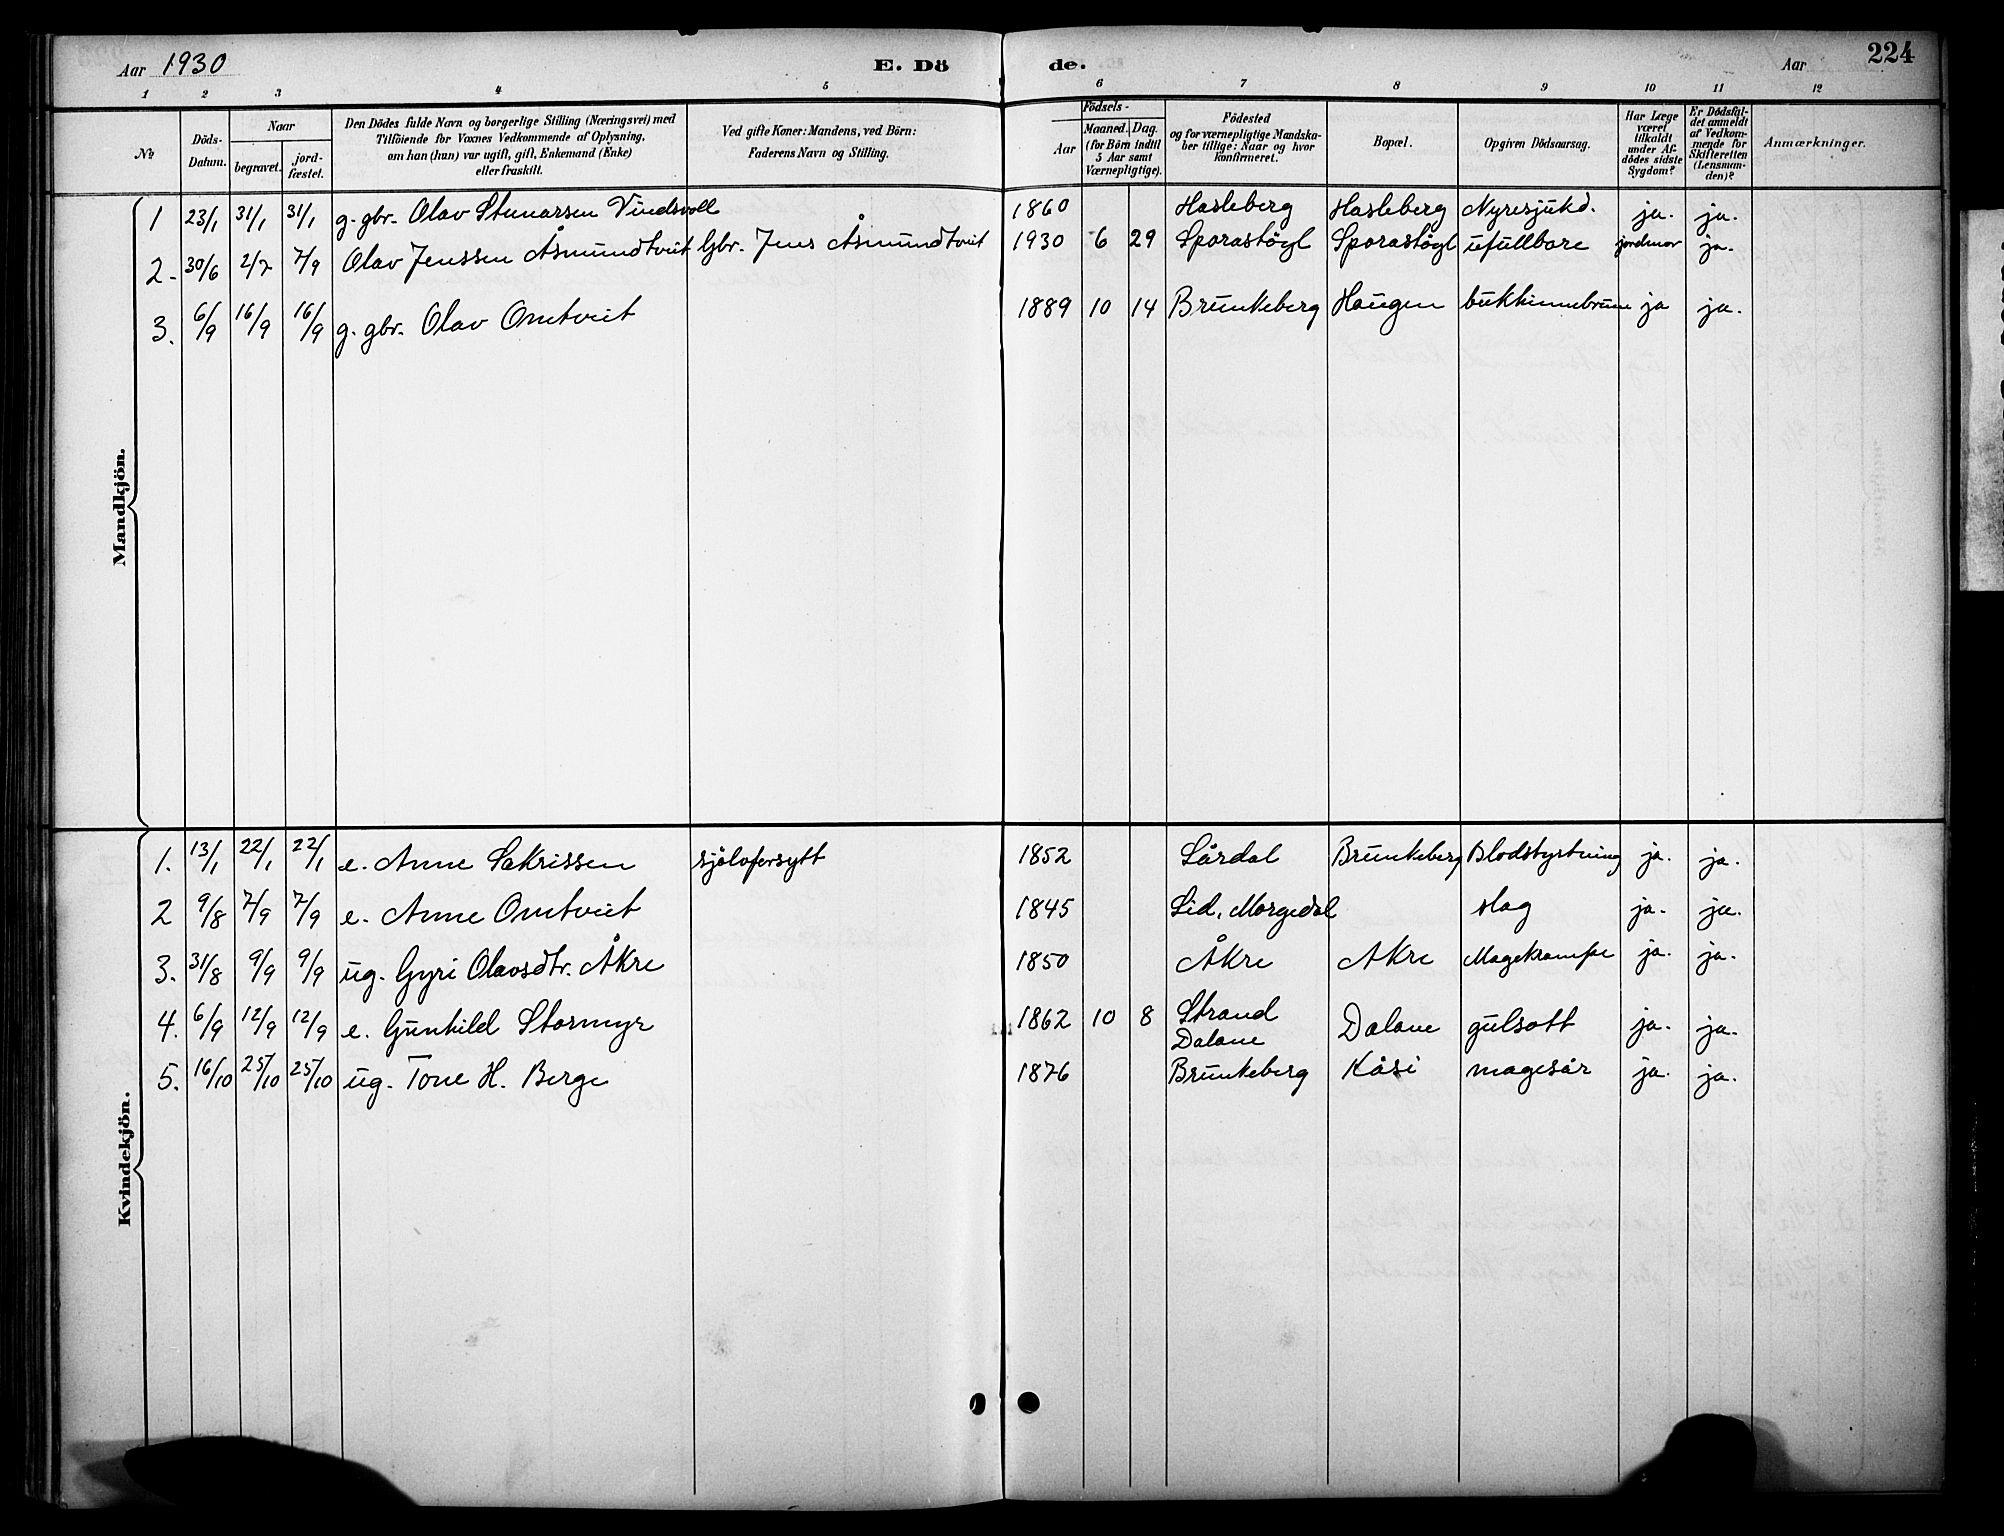 SAKO, Kviteseid kirkebøker, G/Gb/L0003: Klokkerbok nr. II 3, 1893-1933, s. 224